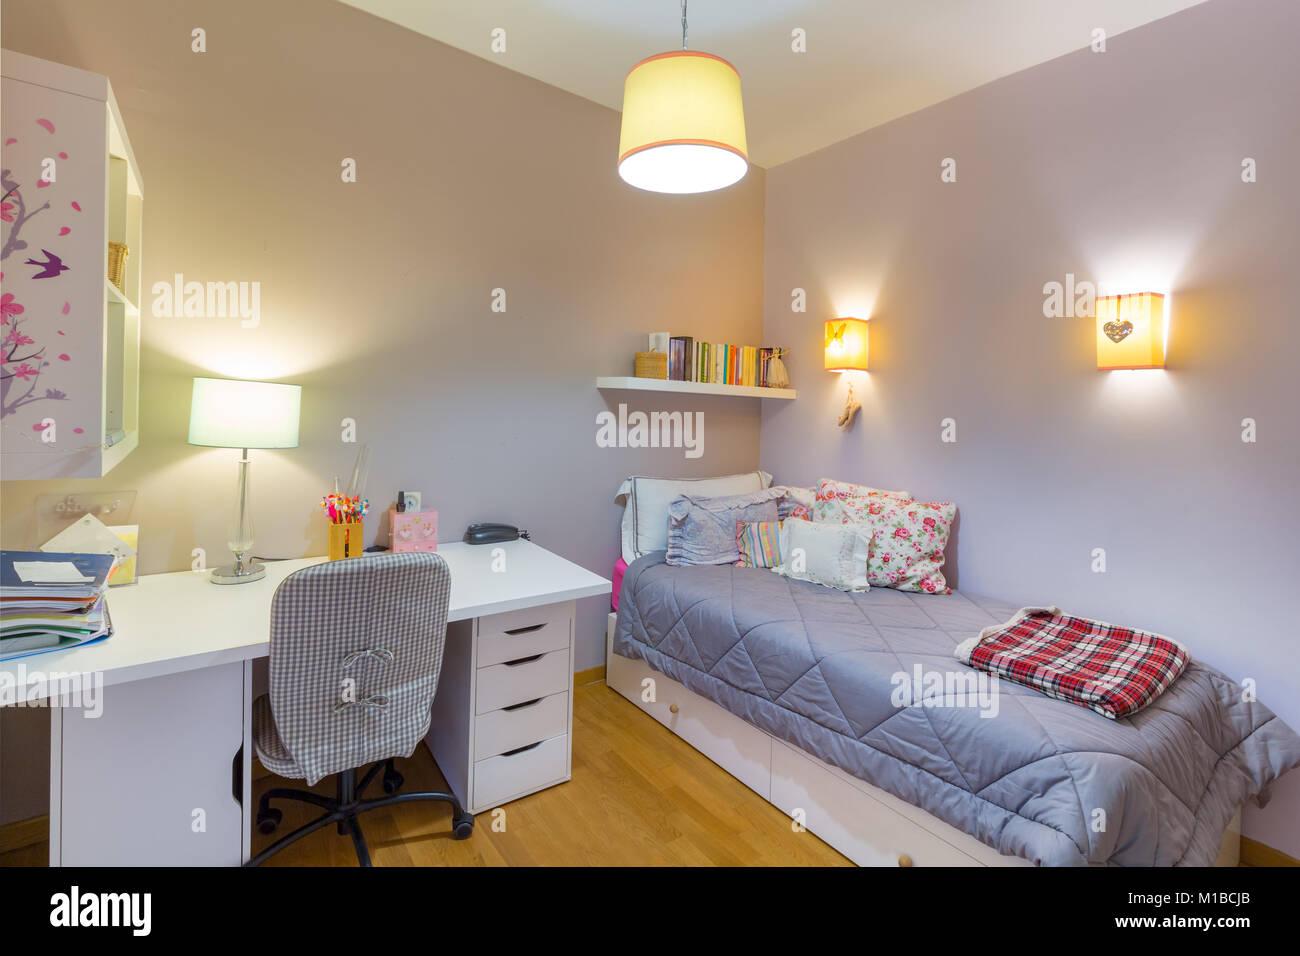 L intérieur confortable chambre d une jeune femme avec laminé